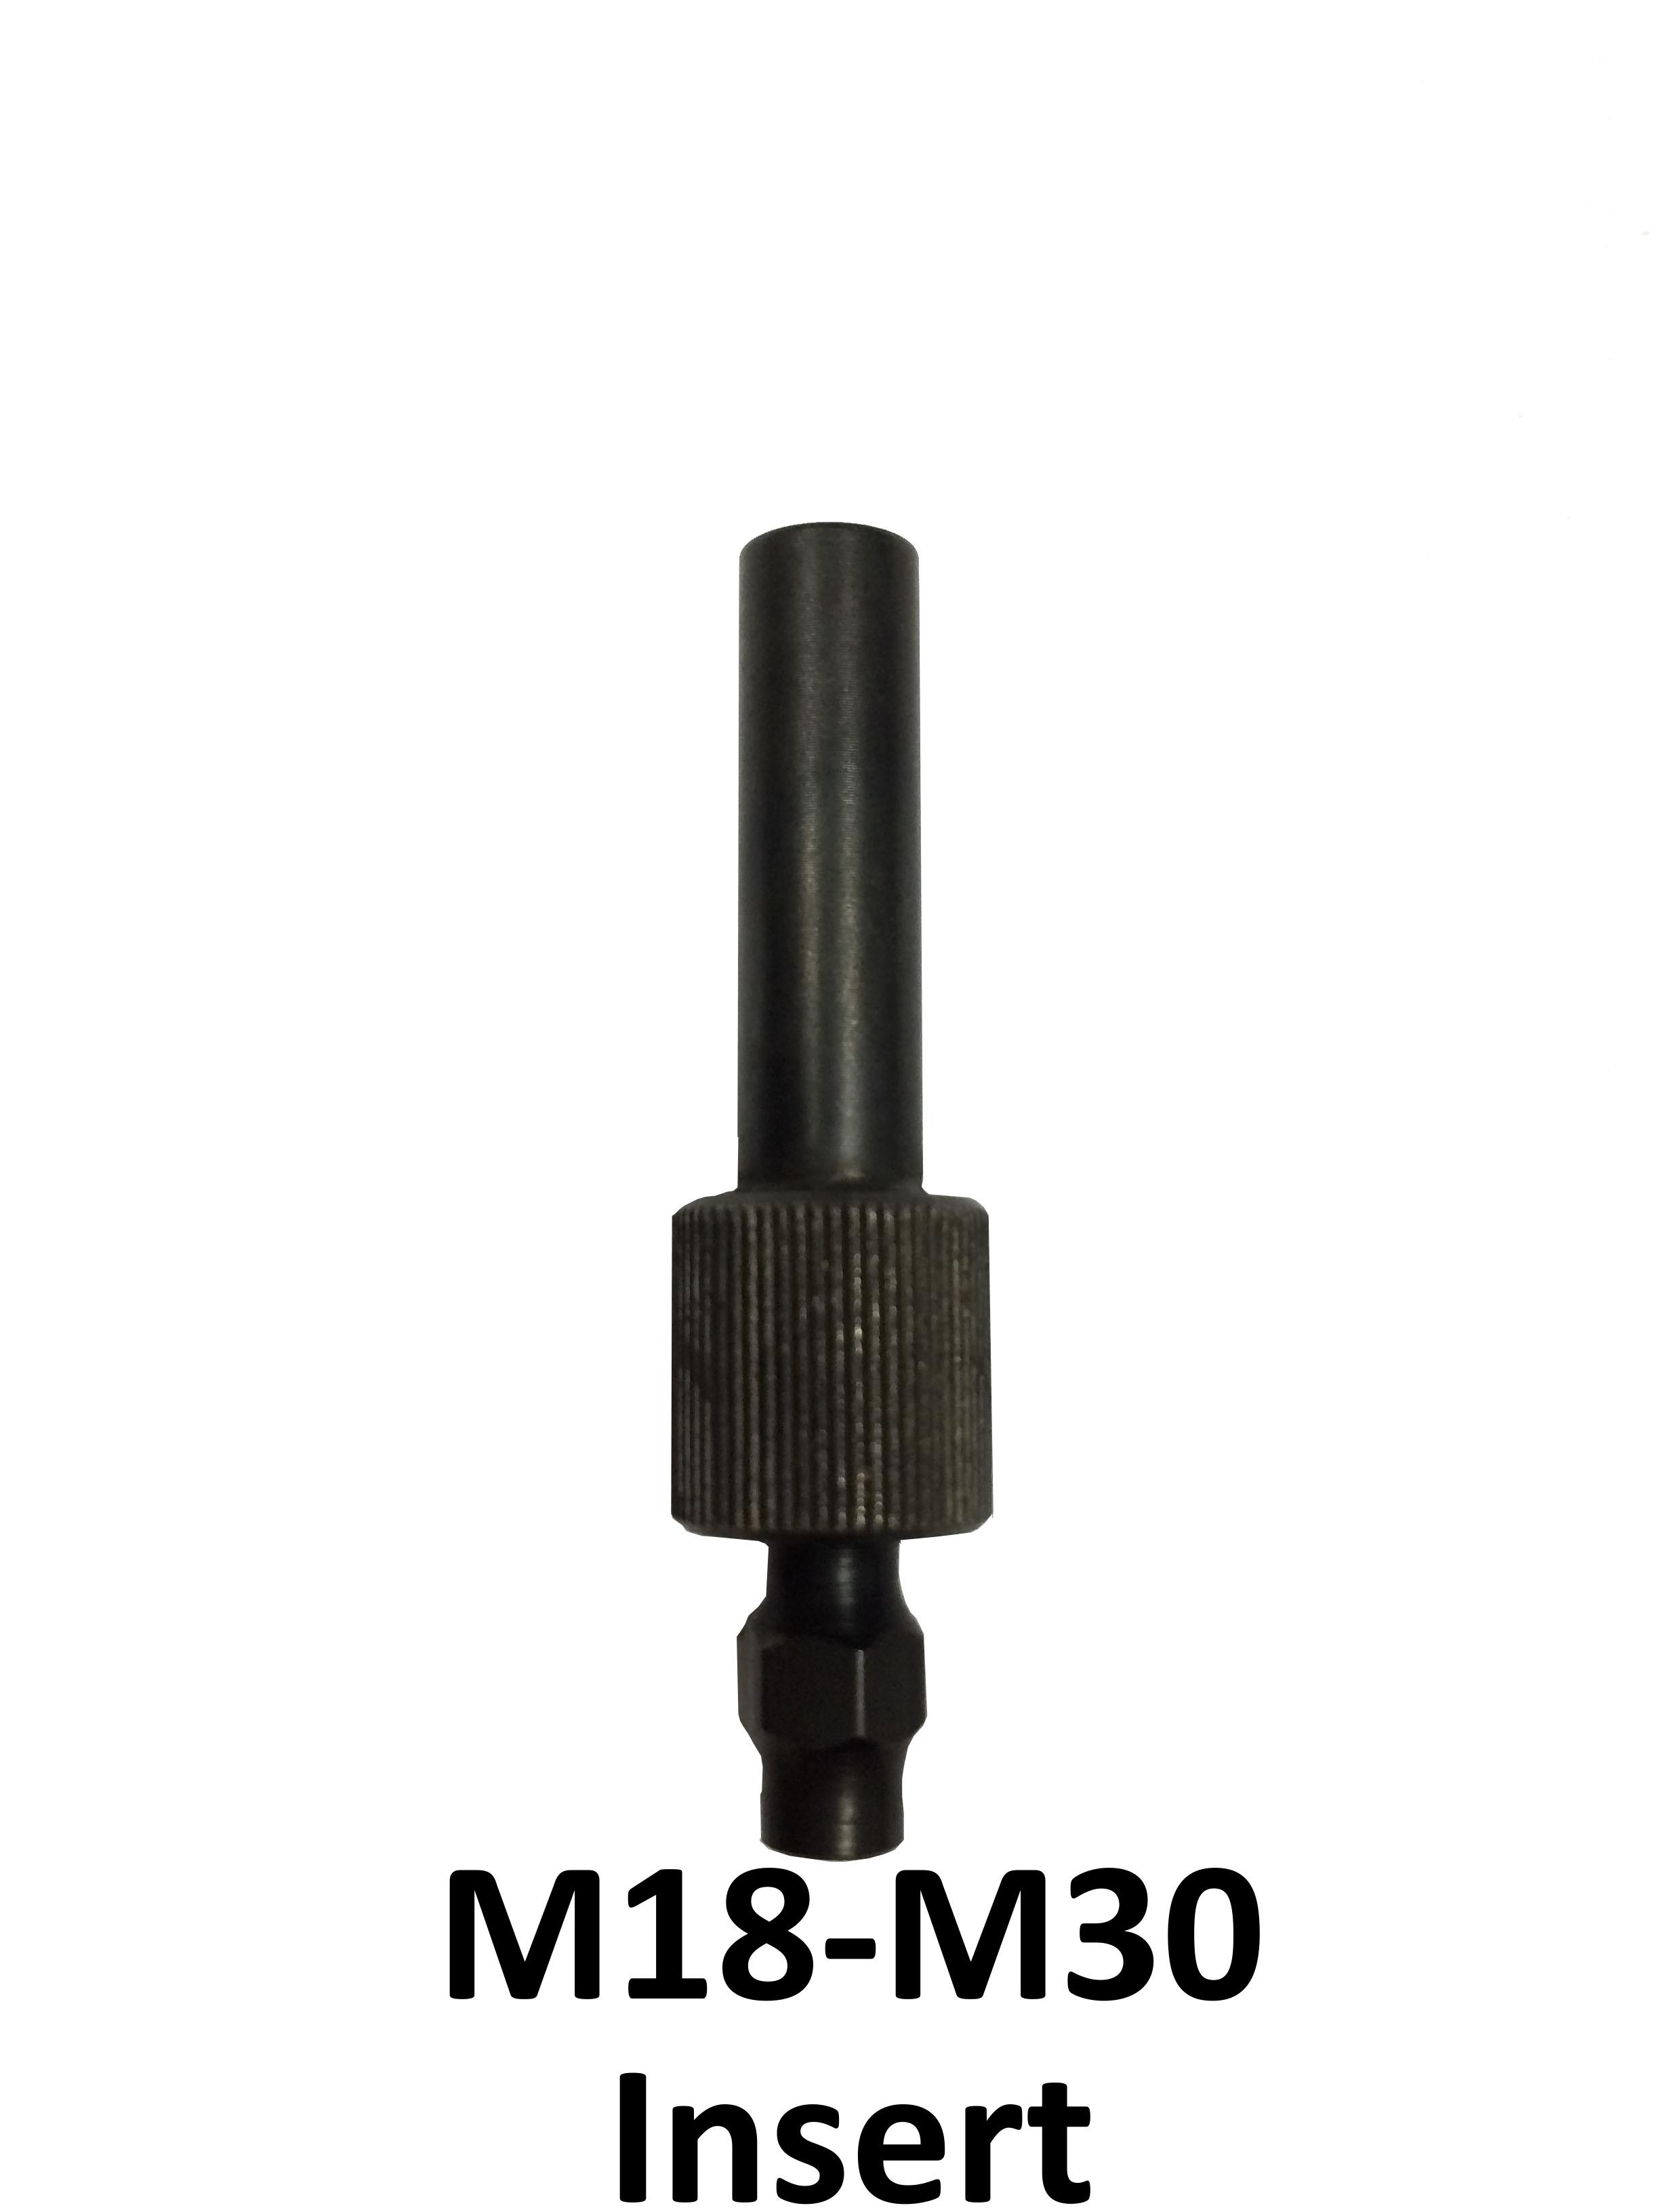 Adaptateur poign e motoris e pour insert m18 m30 leitech - Adaptateur granule pour insert ...